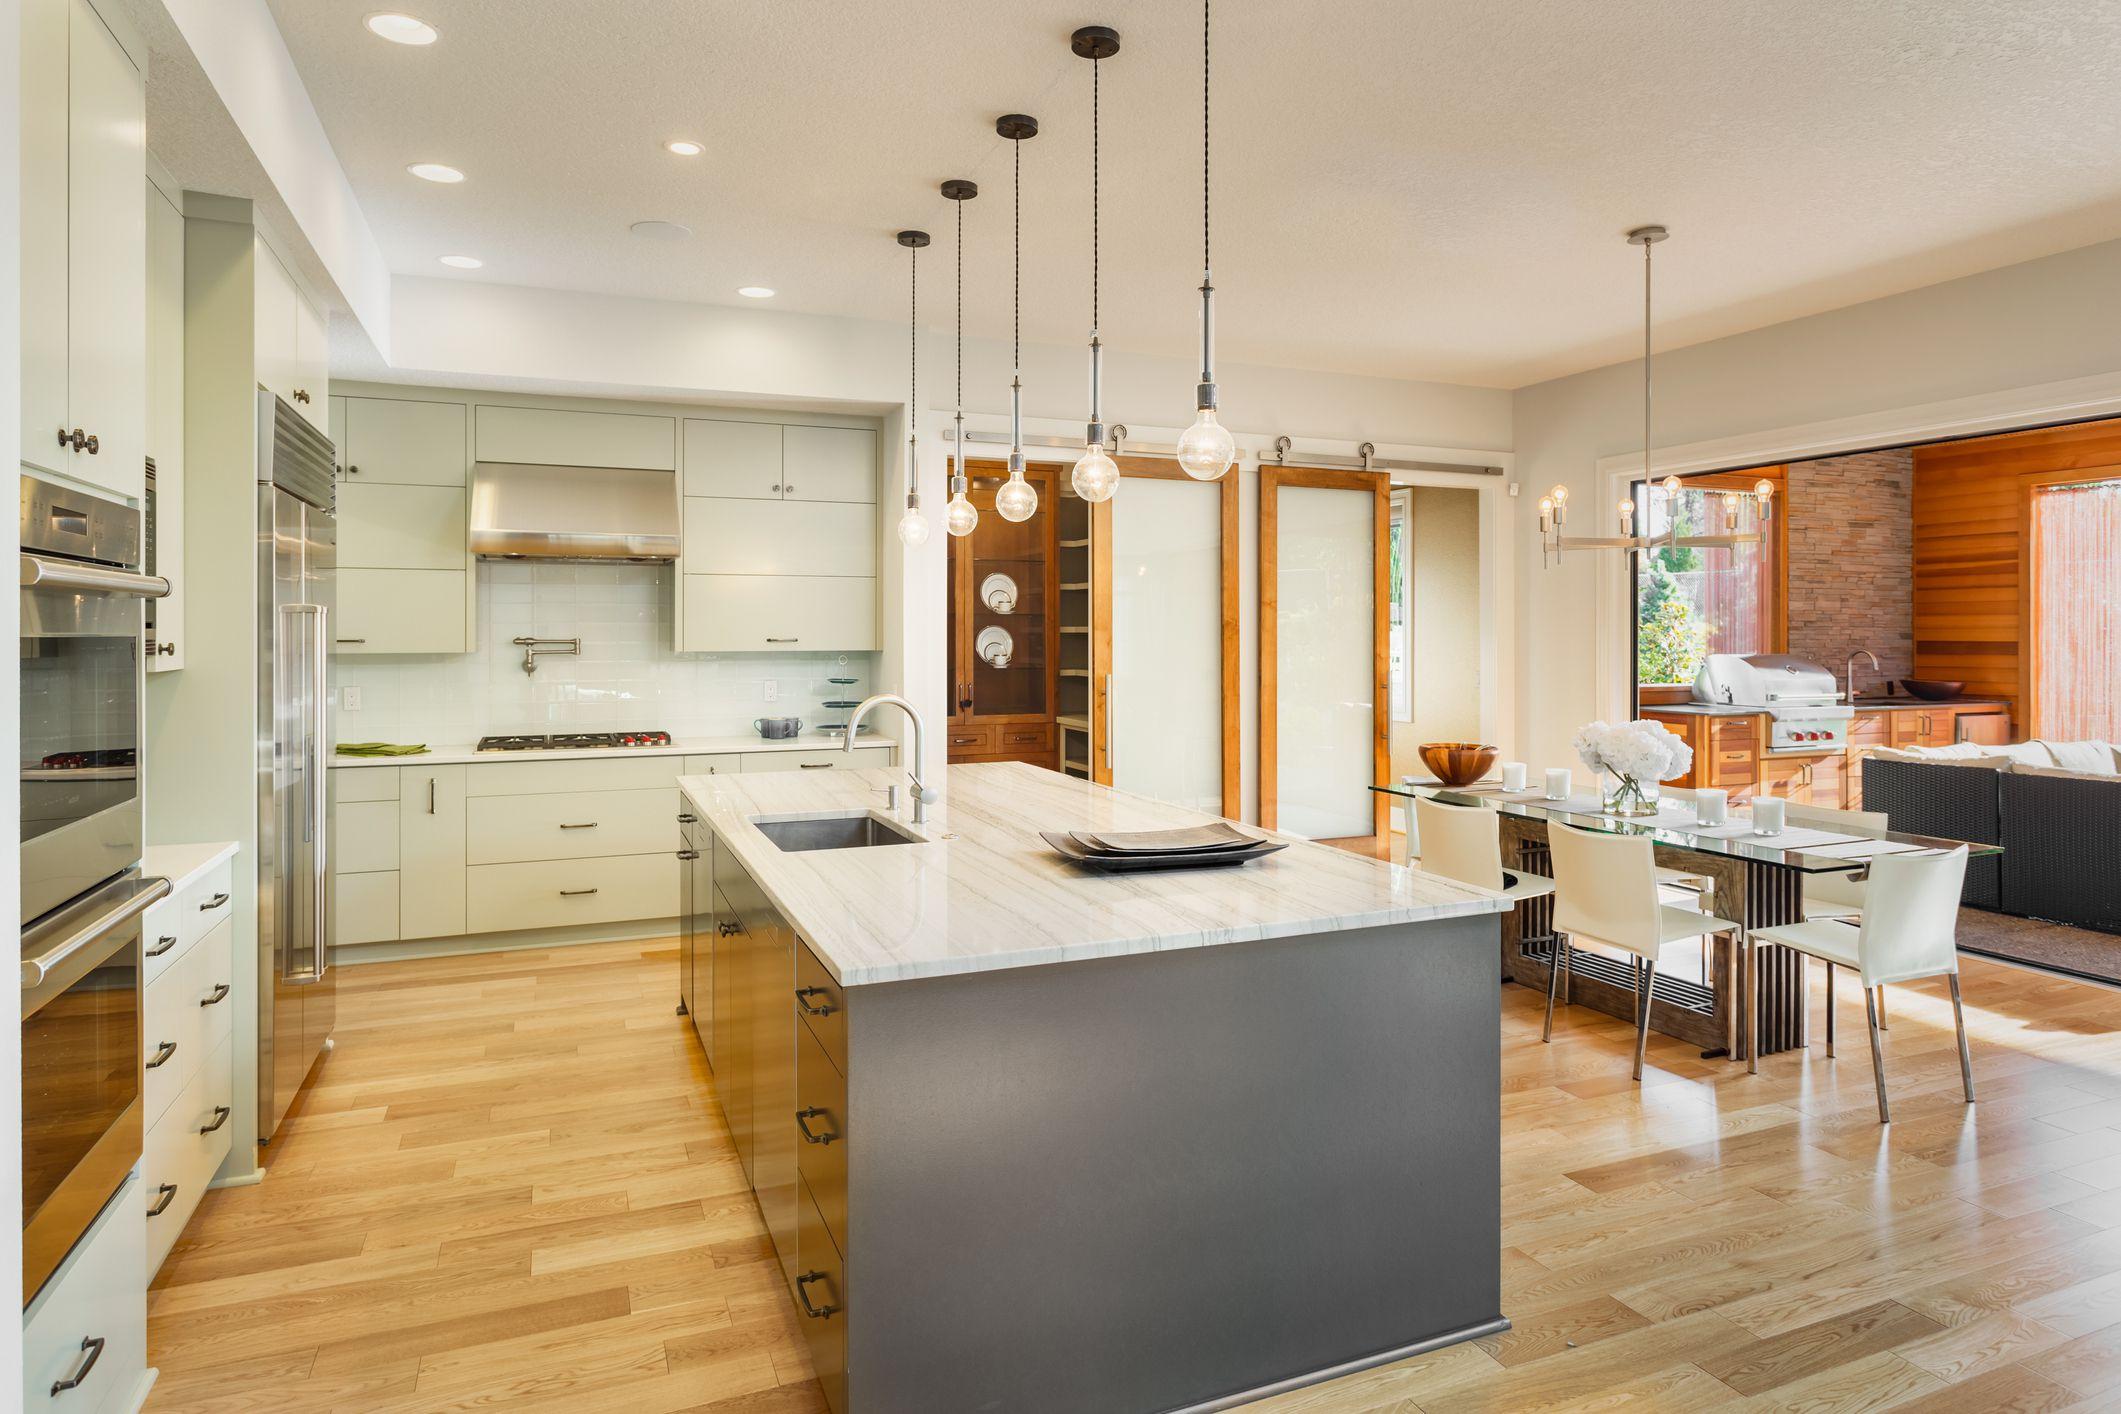 5 best kitchen flooring ratedactivity